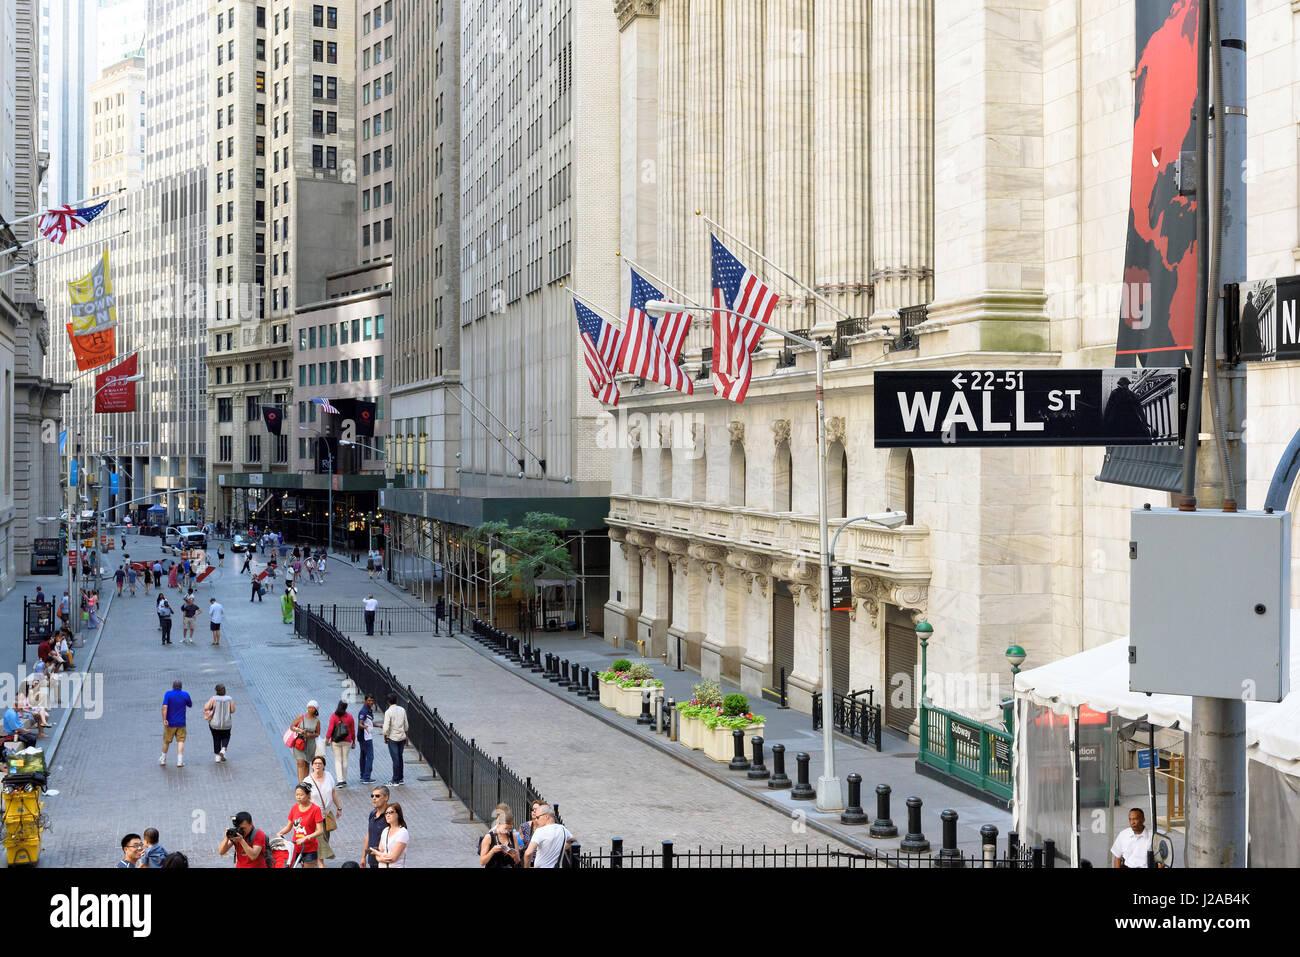 La Bourse de New York sur le Wall Street à New York. Photo Stock